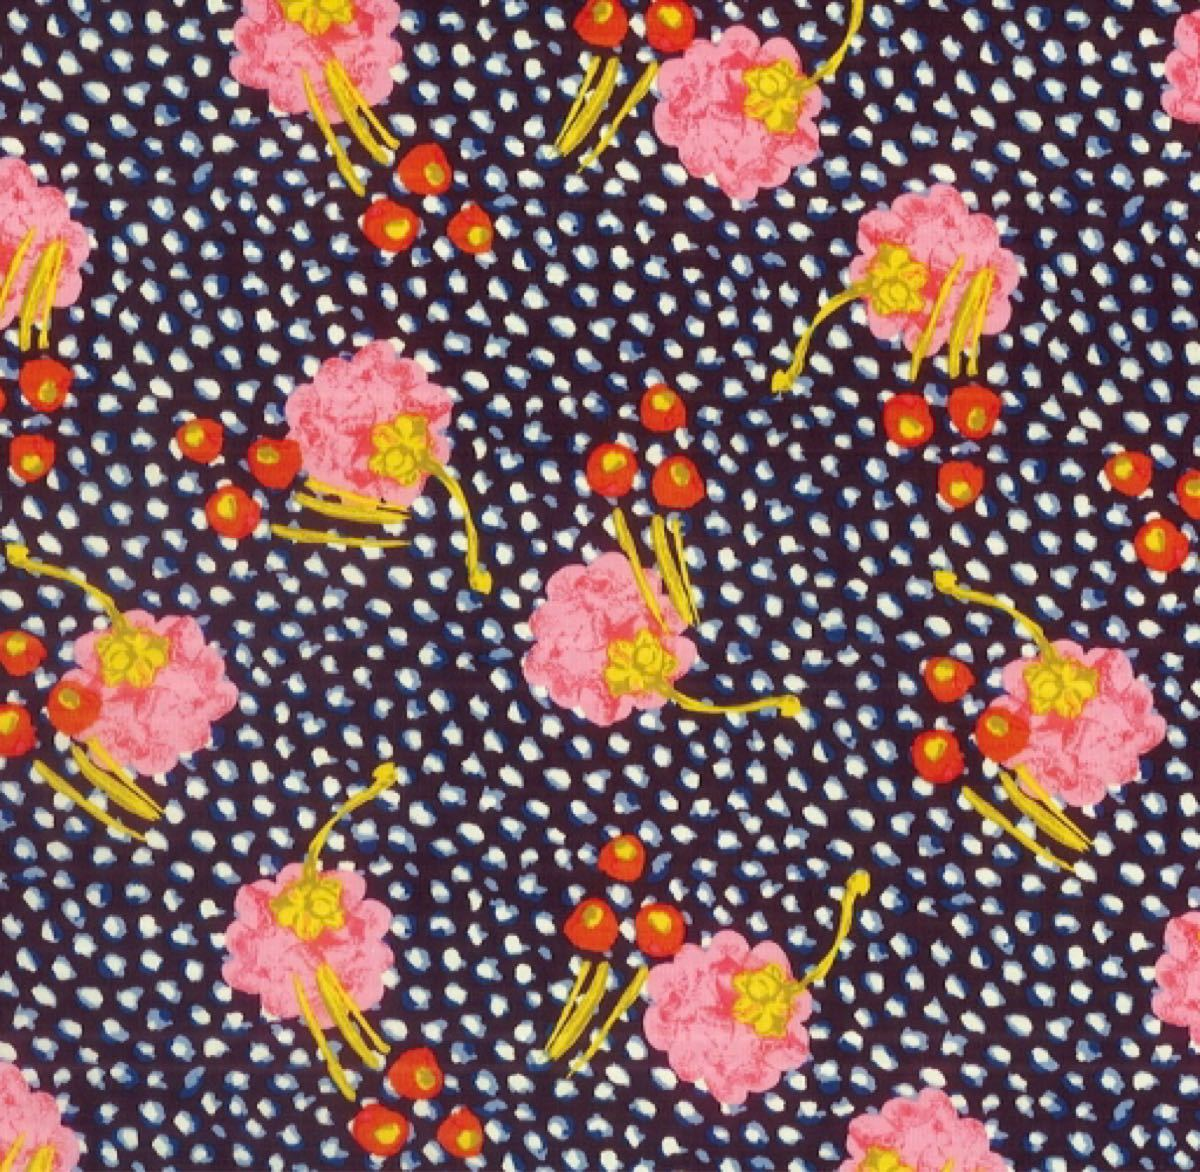 リバティ ジュニパー ピンク&ネイビー 生地幅×200cm 国産タナローン はぎれ